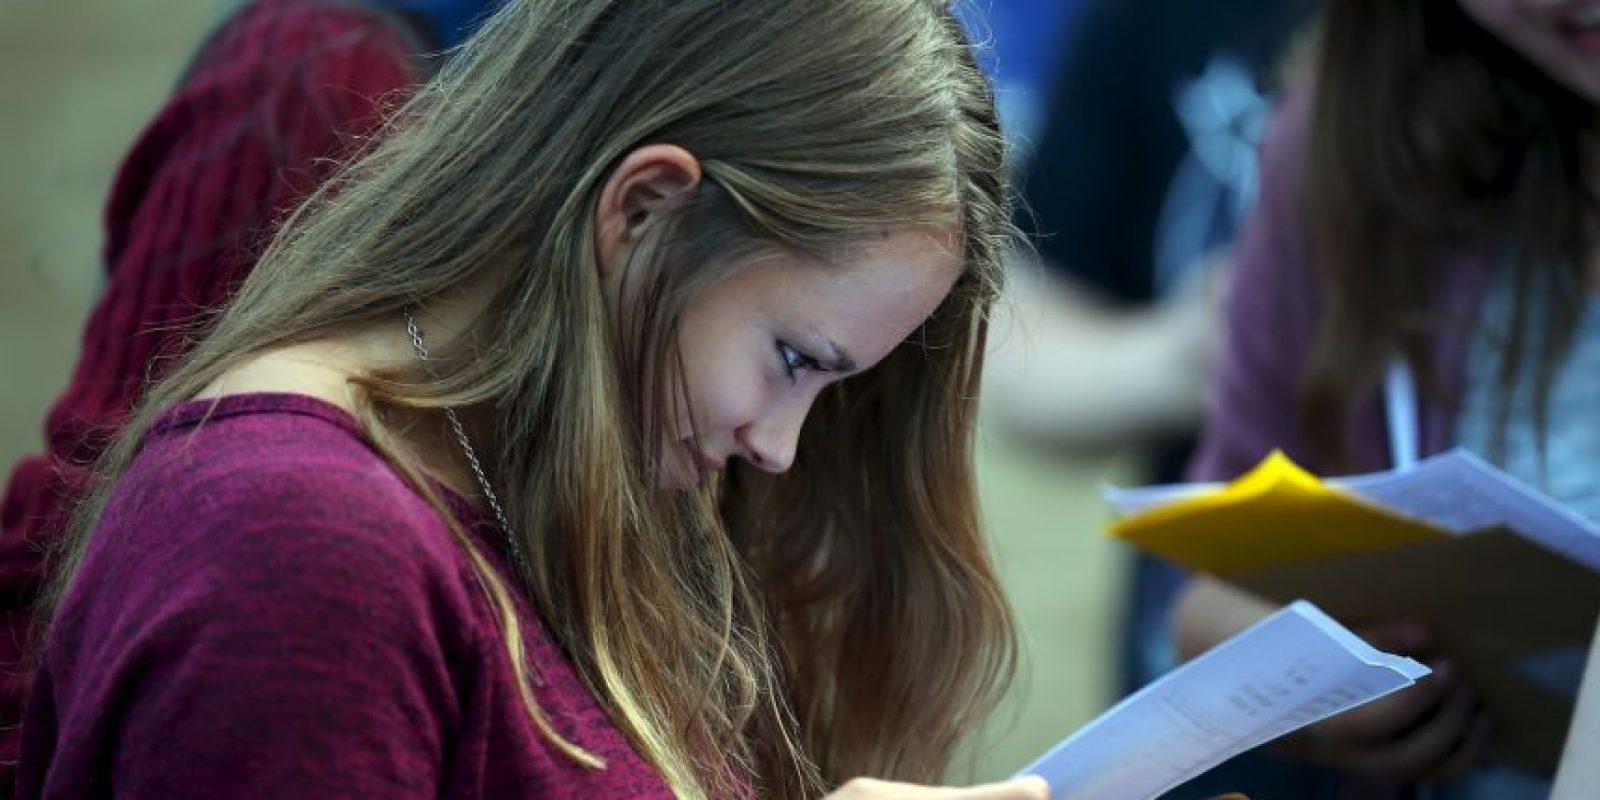 Deben dormir bien y descansar lo suficiente antes del examen Foto:Getty Images